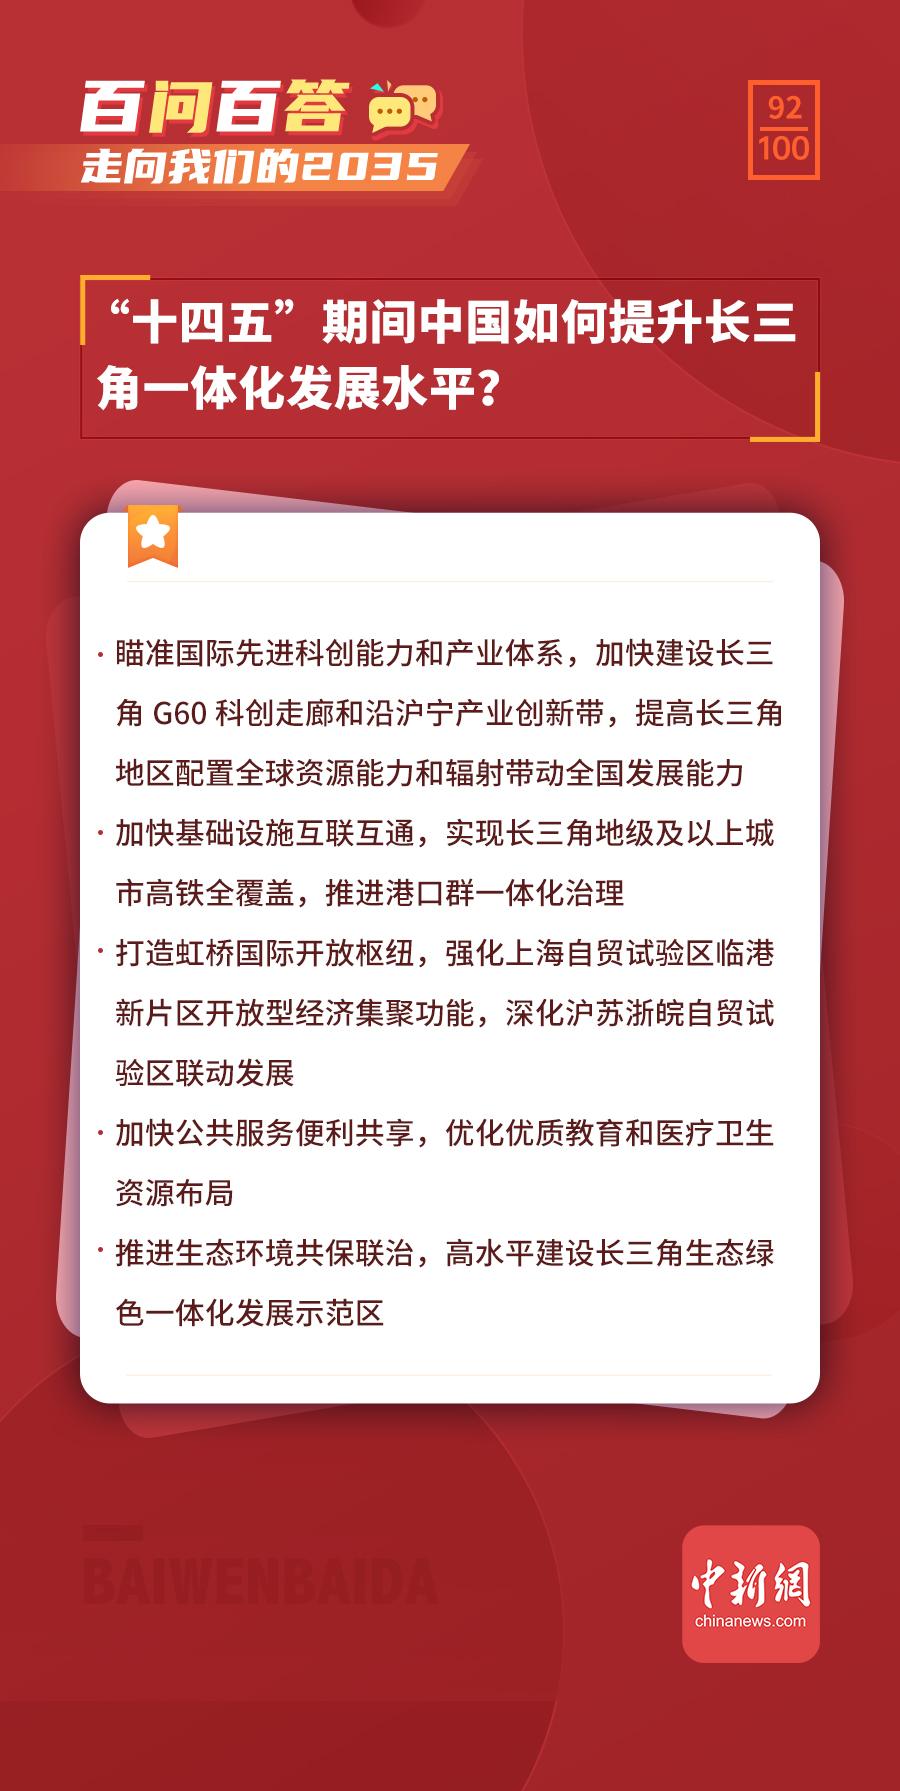 """【走向我们的2035·百问百答】""""十四五""""期间中国如何提升长三角一体化发展水平?"""